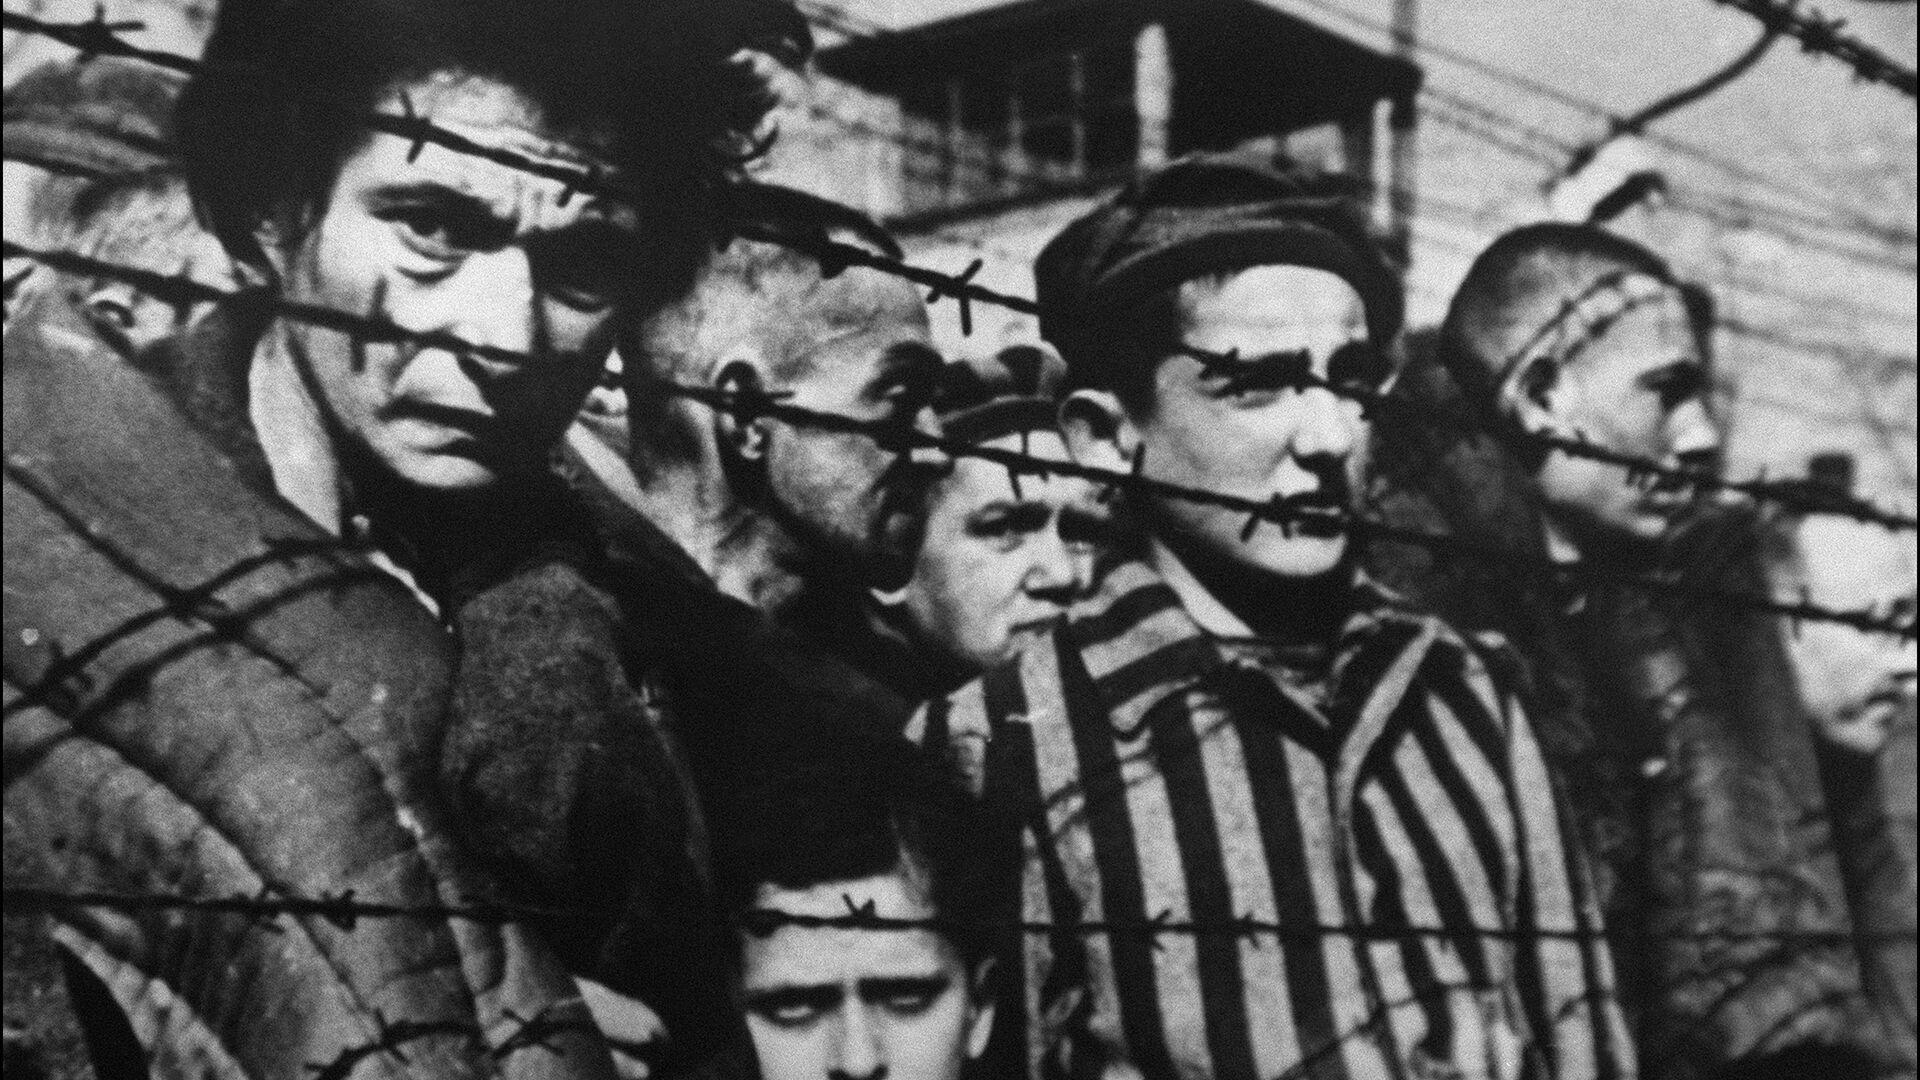 Заключенные за колючей проволокой в концентрационном лагере Освенцим - РИА Новости, 1920, 27.01.2020